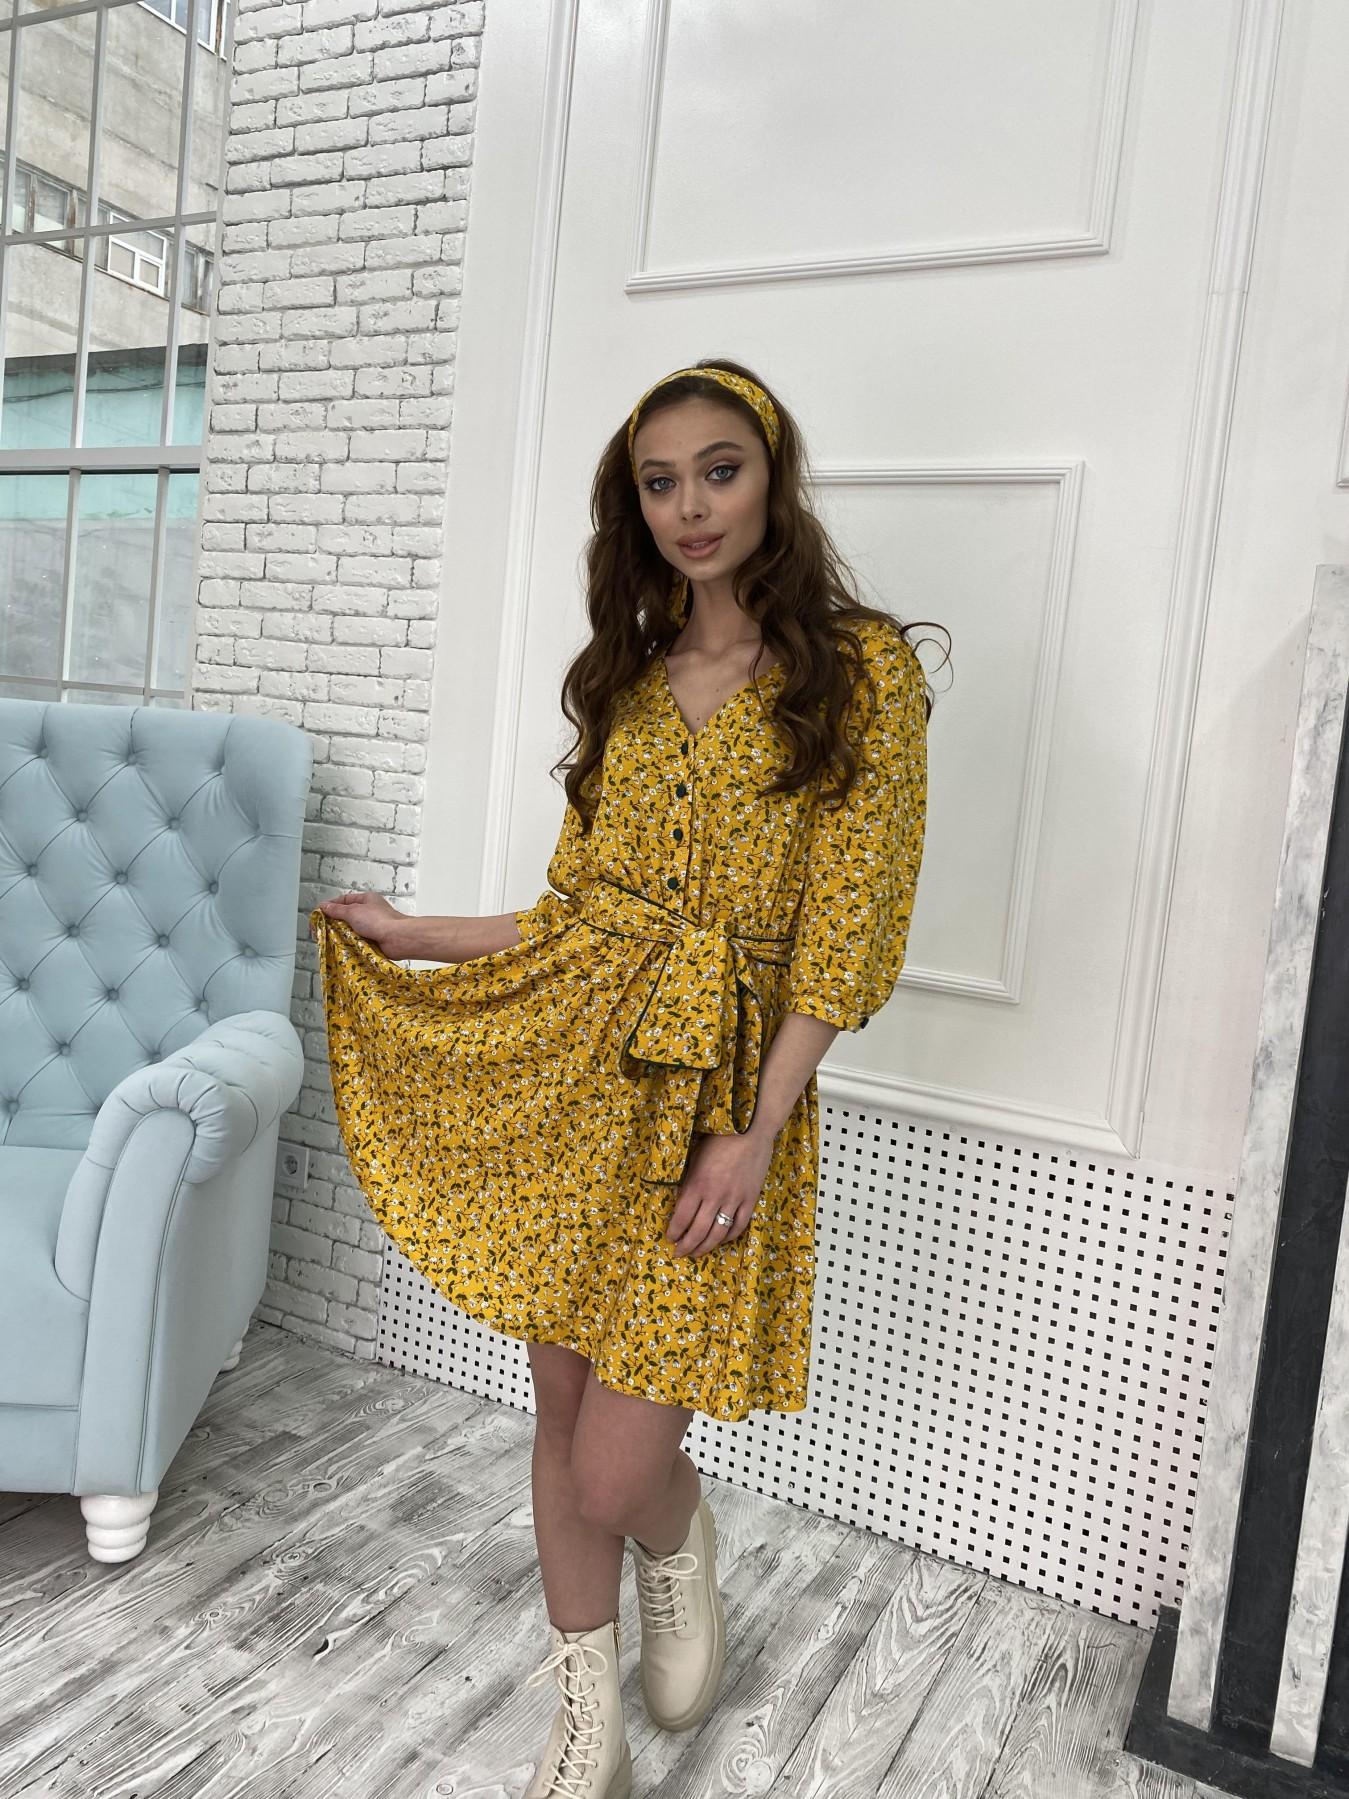 Джейн костюмка штапель принт платье 10881 АРТ. 47352 Цвет: Цветы мел горч/бел/гол - фото 1, интернет магазин tm-modus.ru